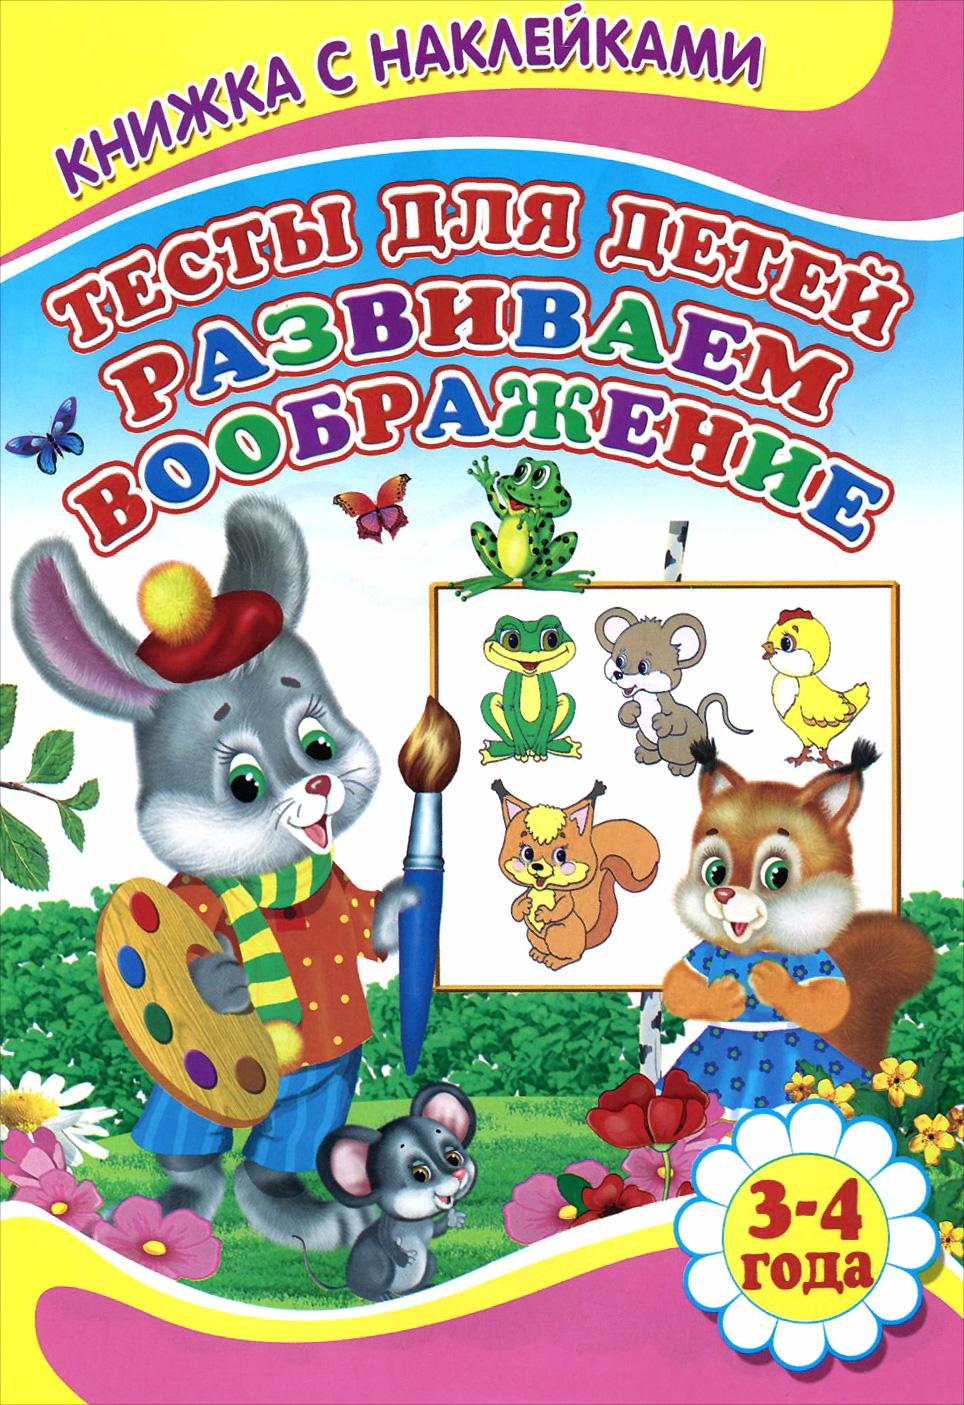 Тесты для детей. Развиваем воображение. Книжка с наклейками ( 978-5-4445-0224-2 )